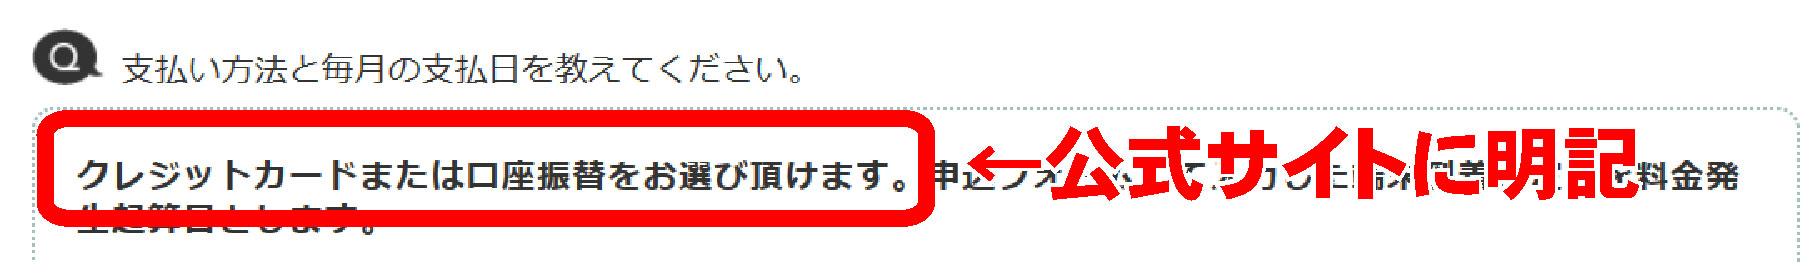 口座振替がOKは公式サイトに明記